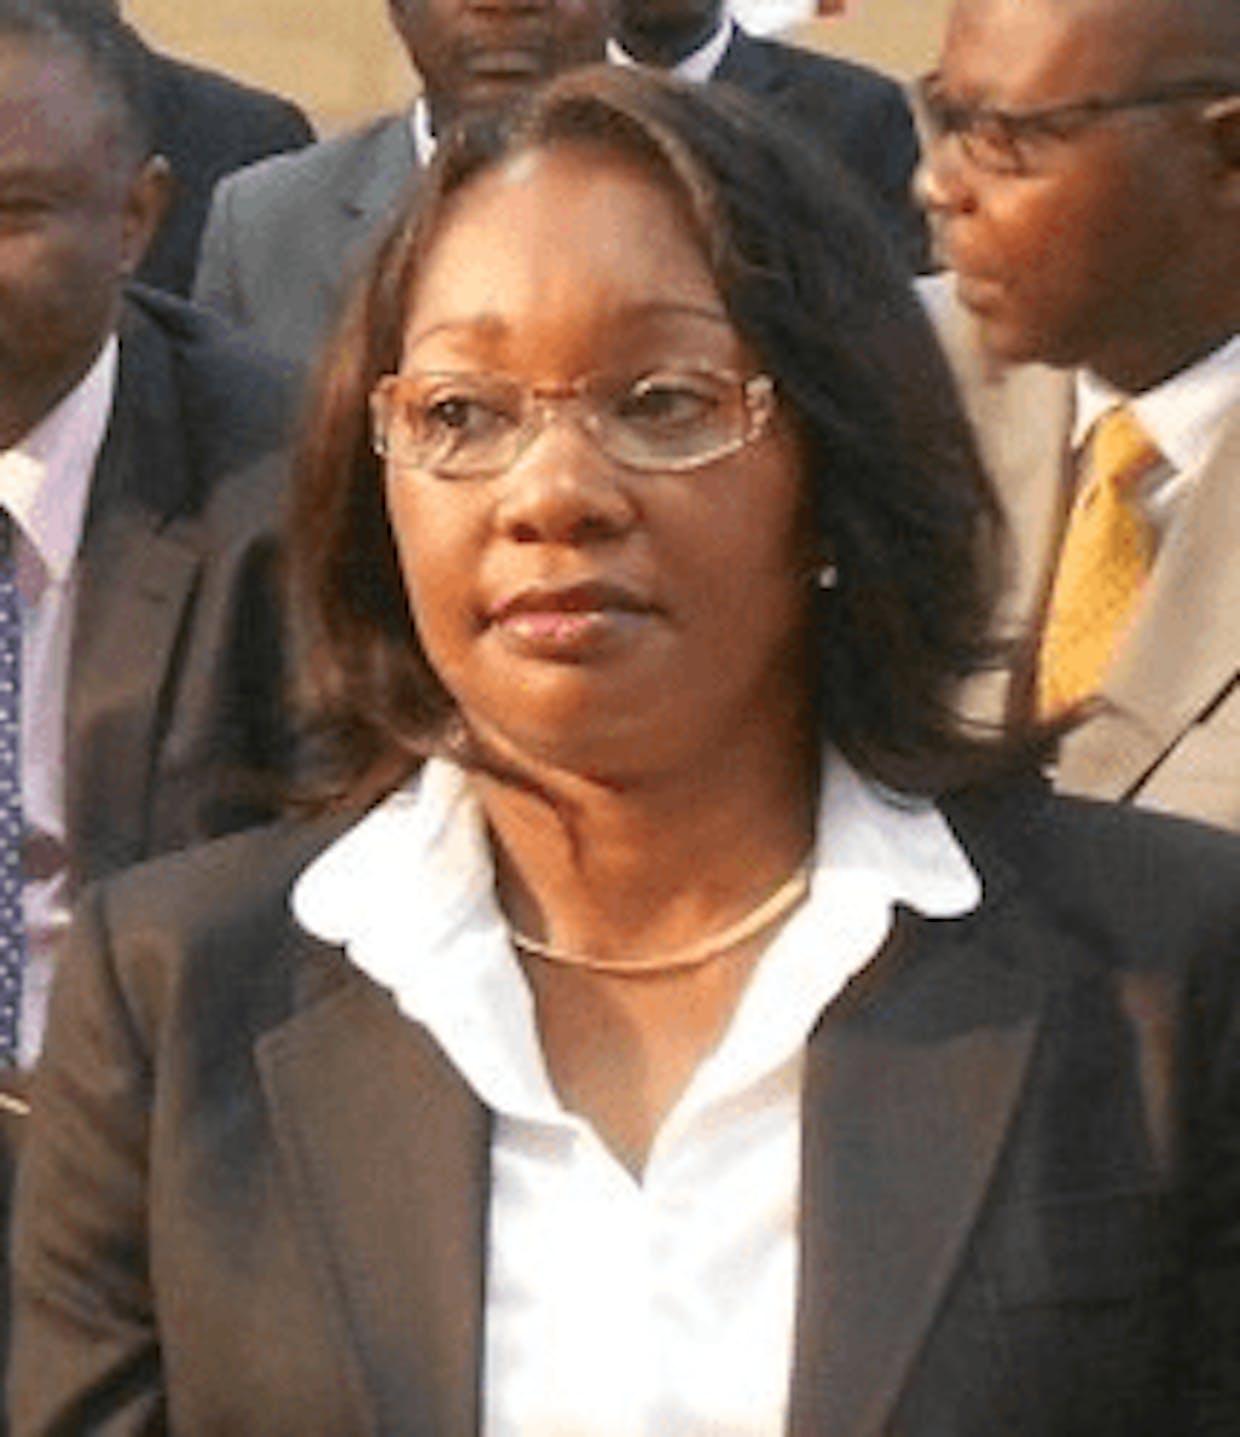 Delphine Edith Emmanuel née Adouki